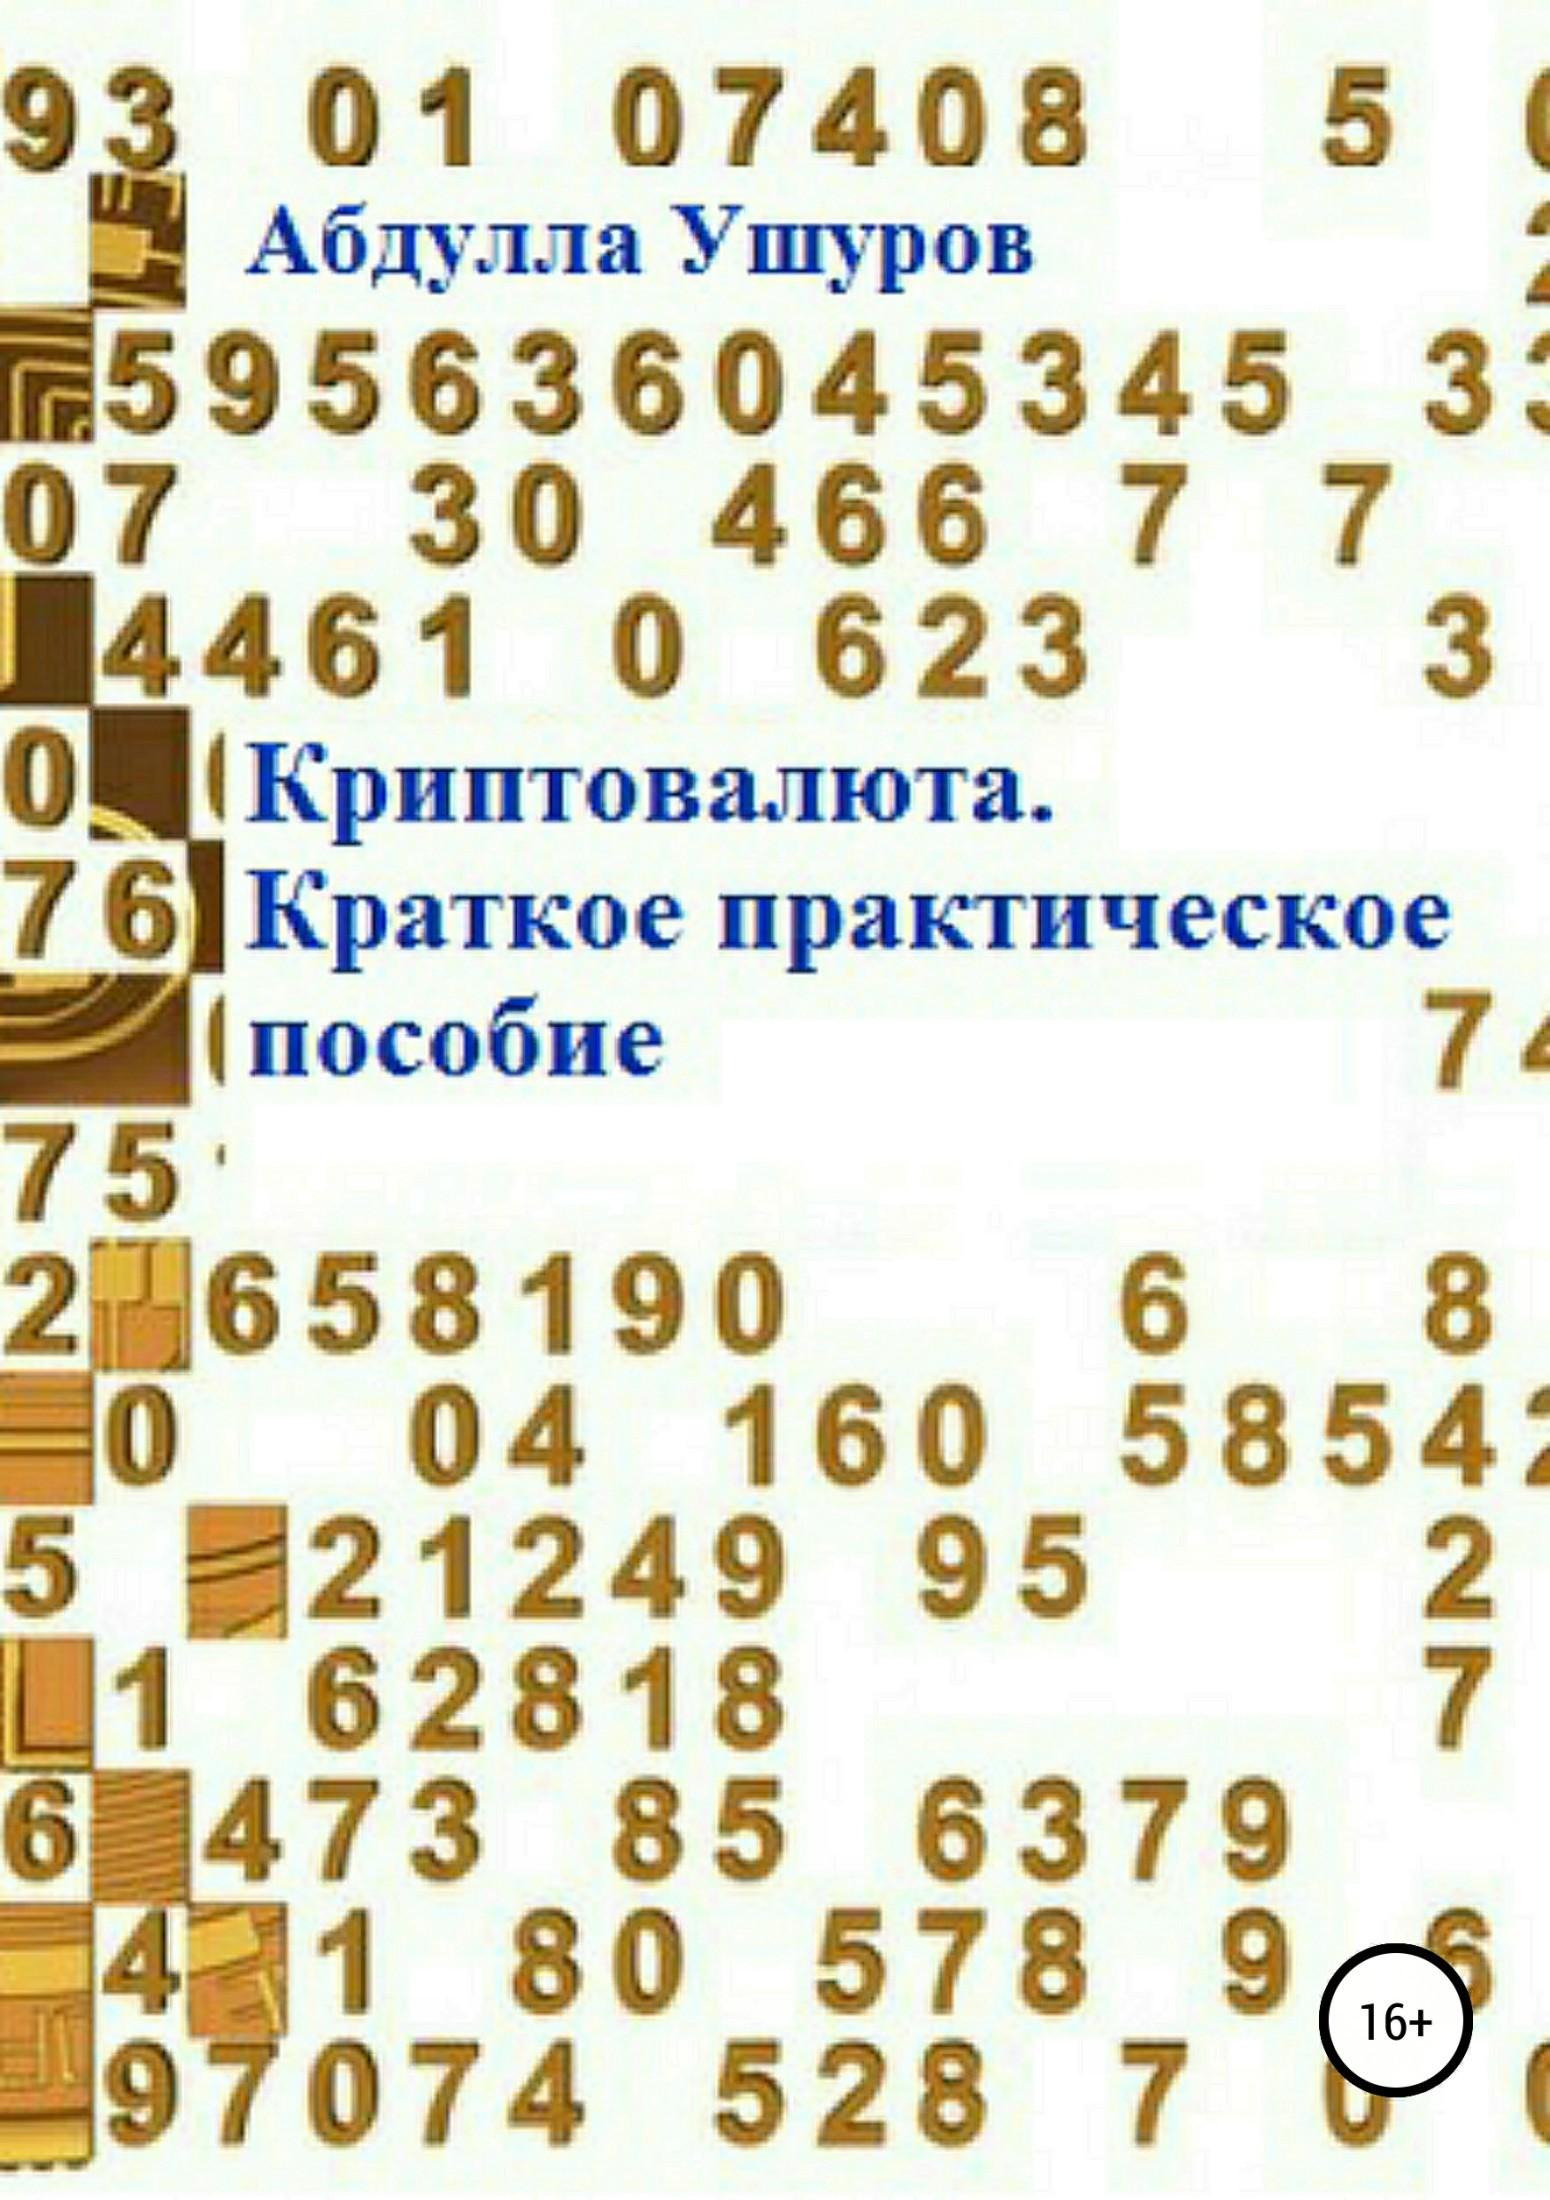 Криптовалюта. Краткое практическое пособие